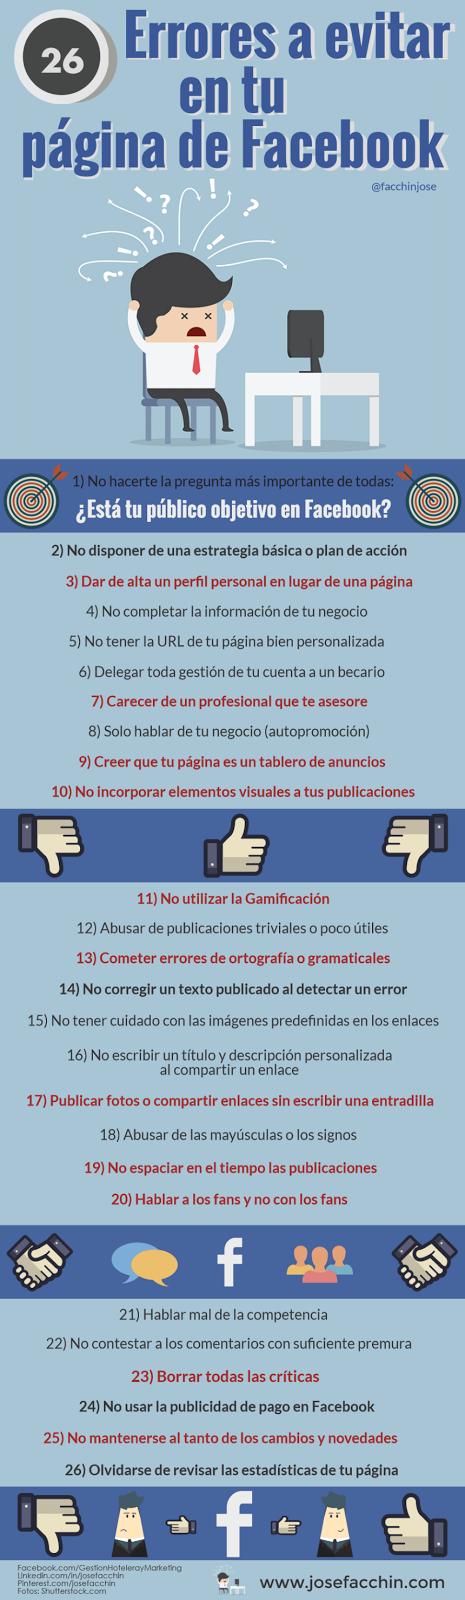 Una infografía con 26 errores a evitar en tu página de Facebook.